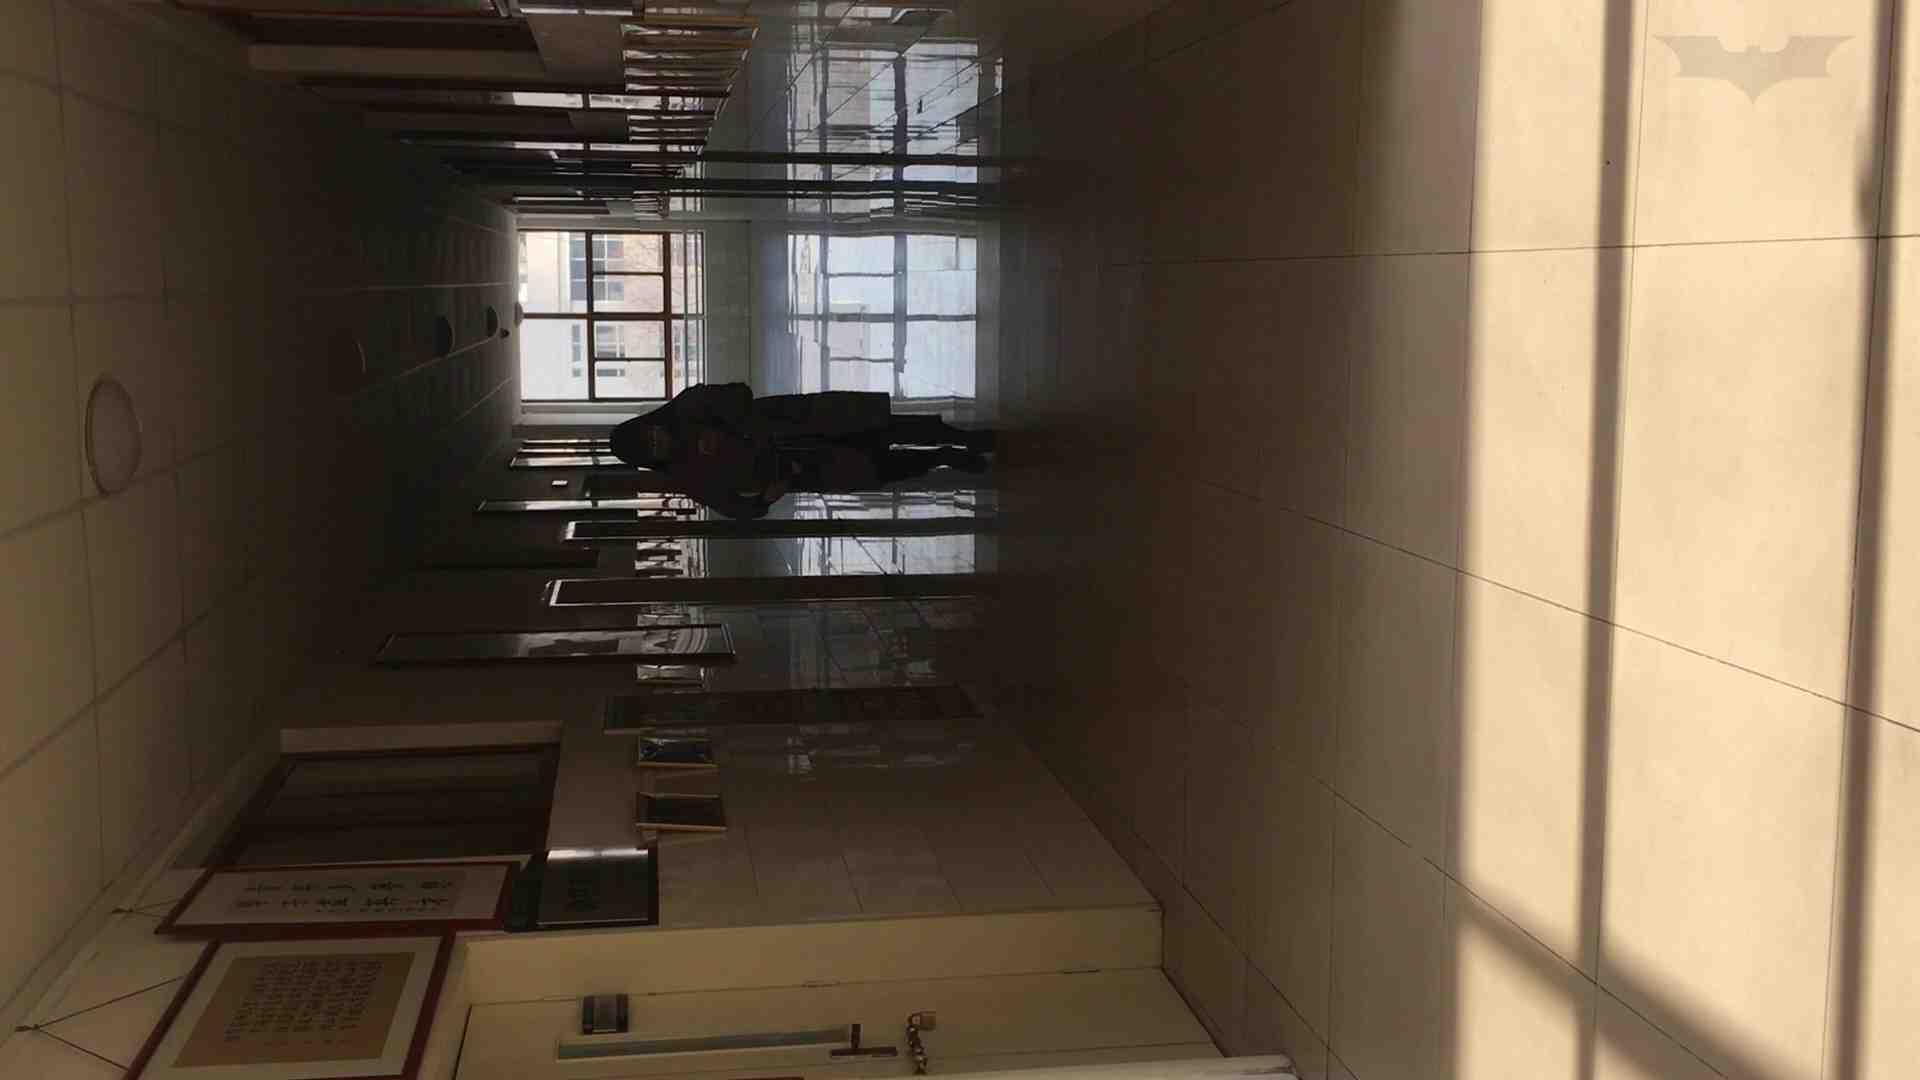 芸術大学ガチ潜入盗撮 JD盗撮 美女の洗面所の秘密 Vol.93 むっちり ヌード画像 62画像 12